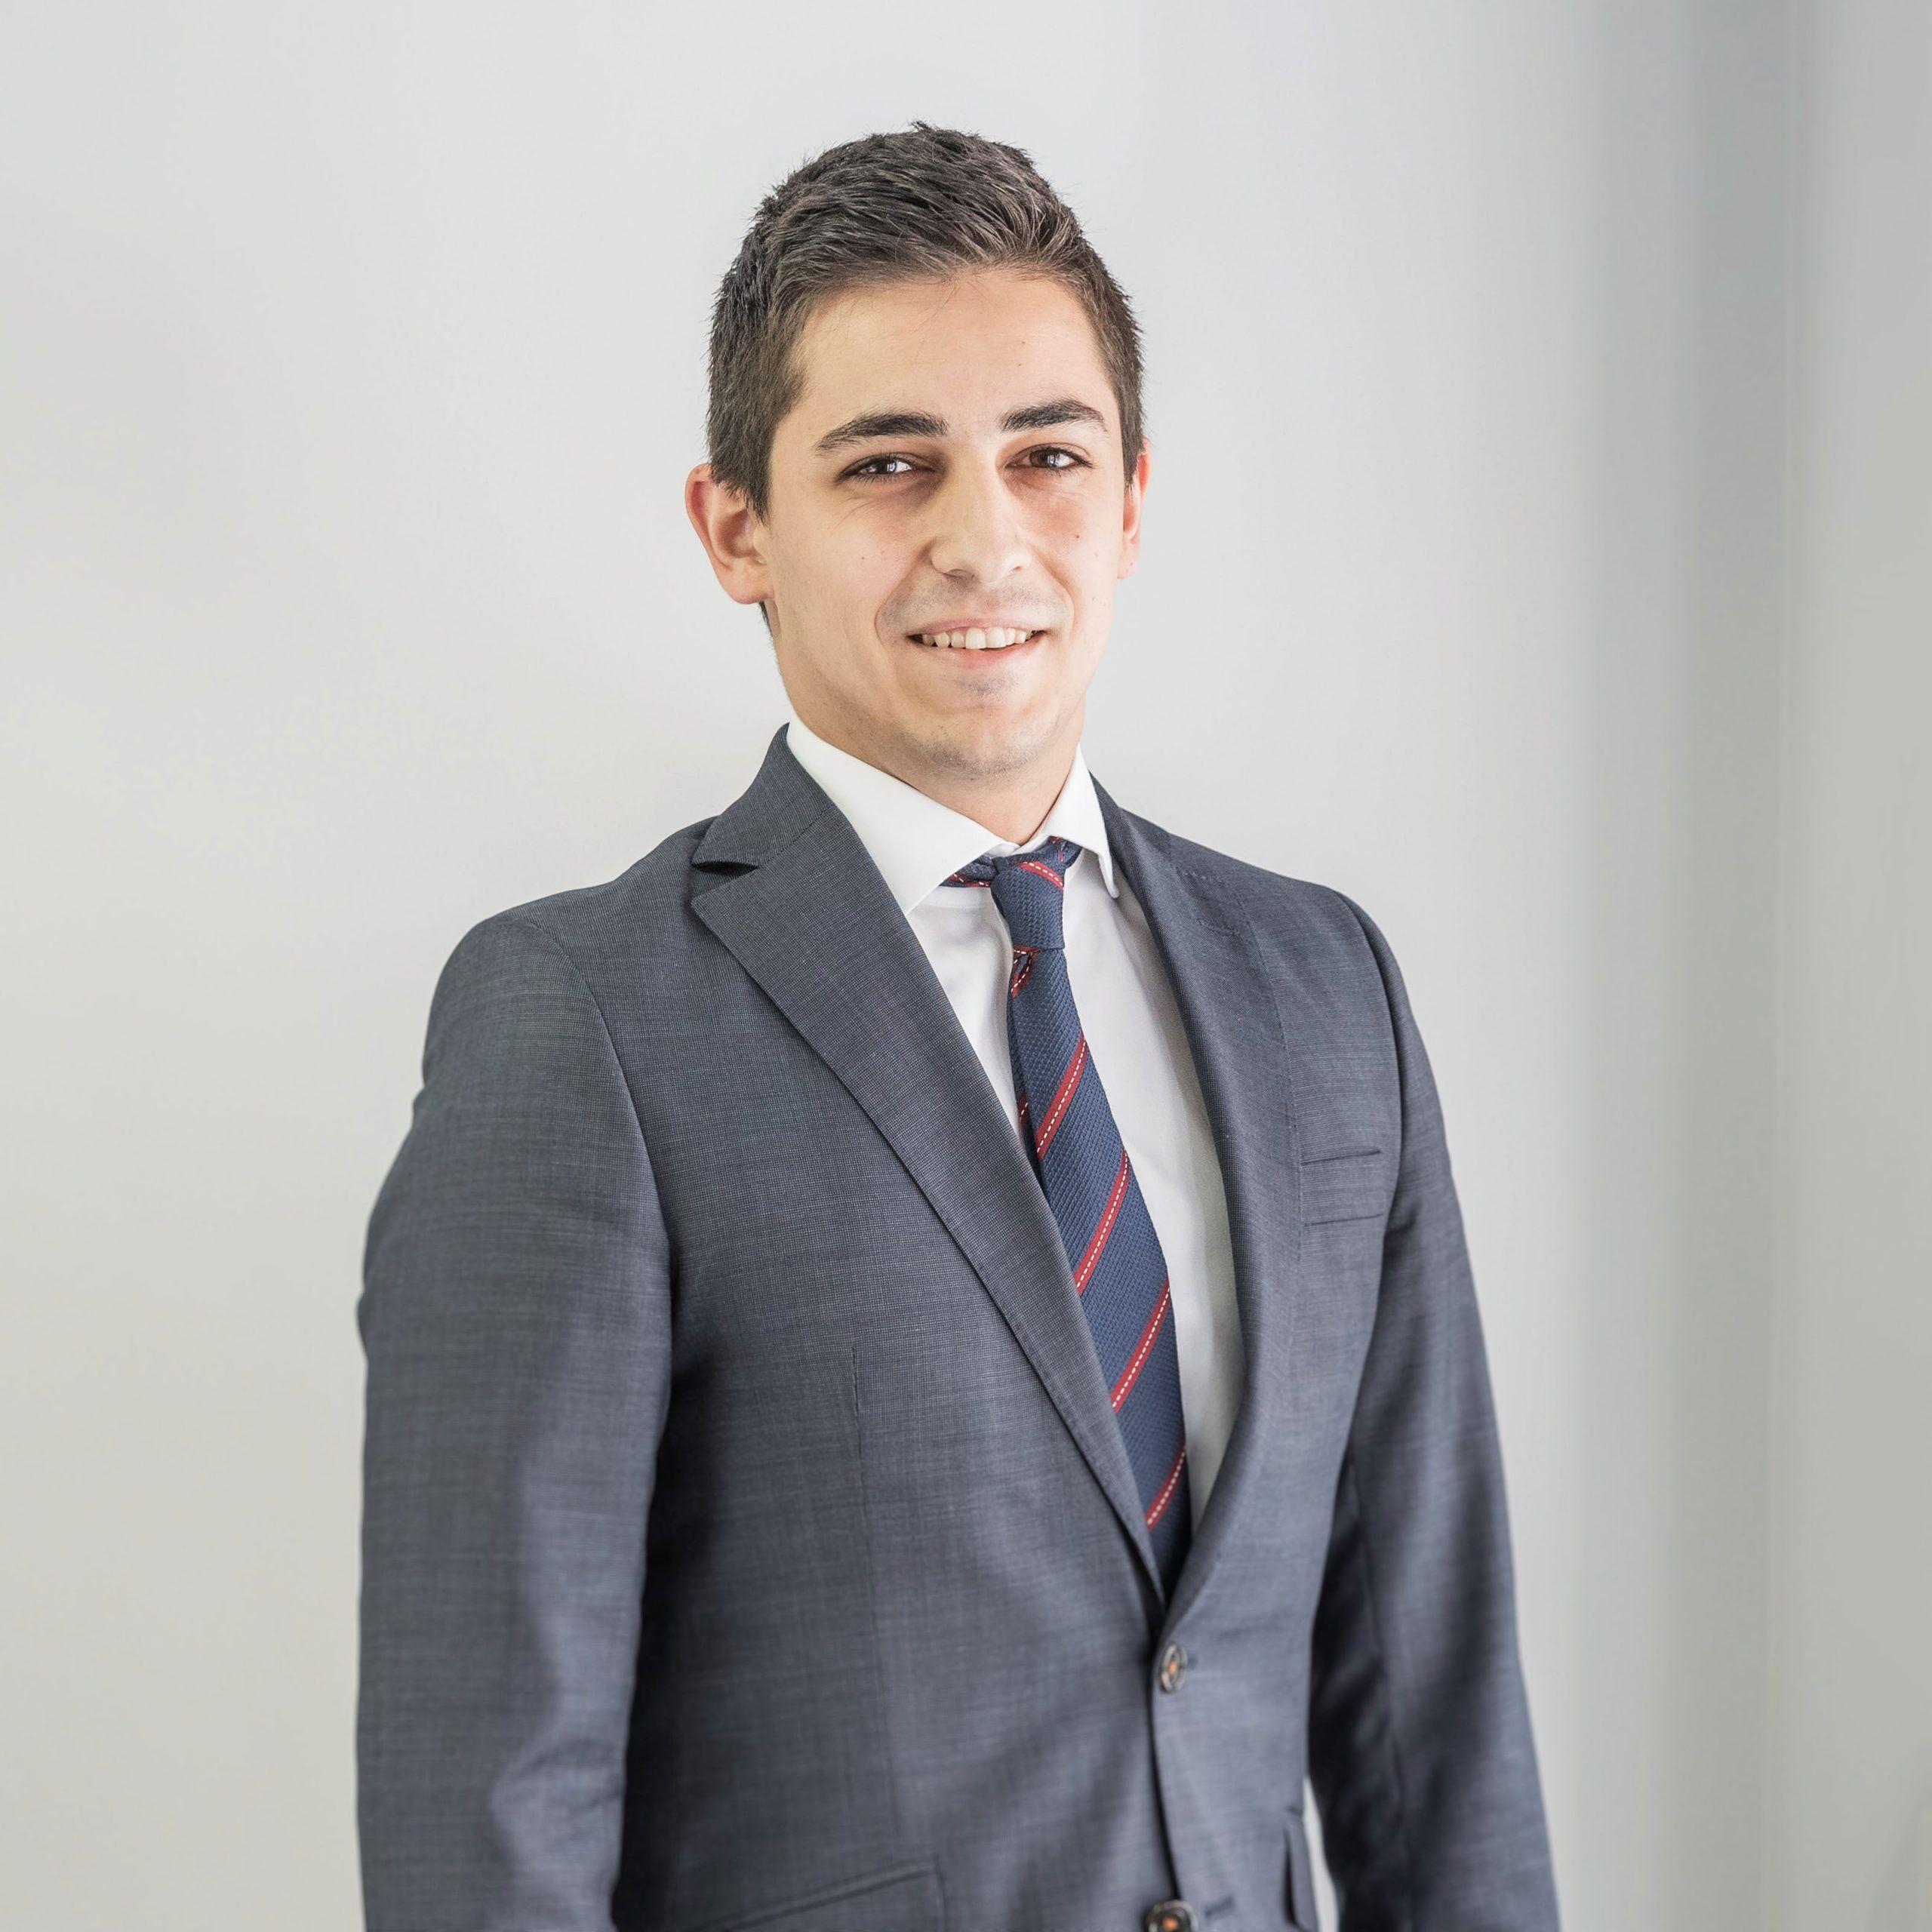 Ricardo Rives Quirante